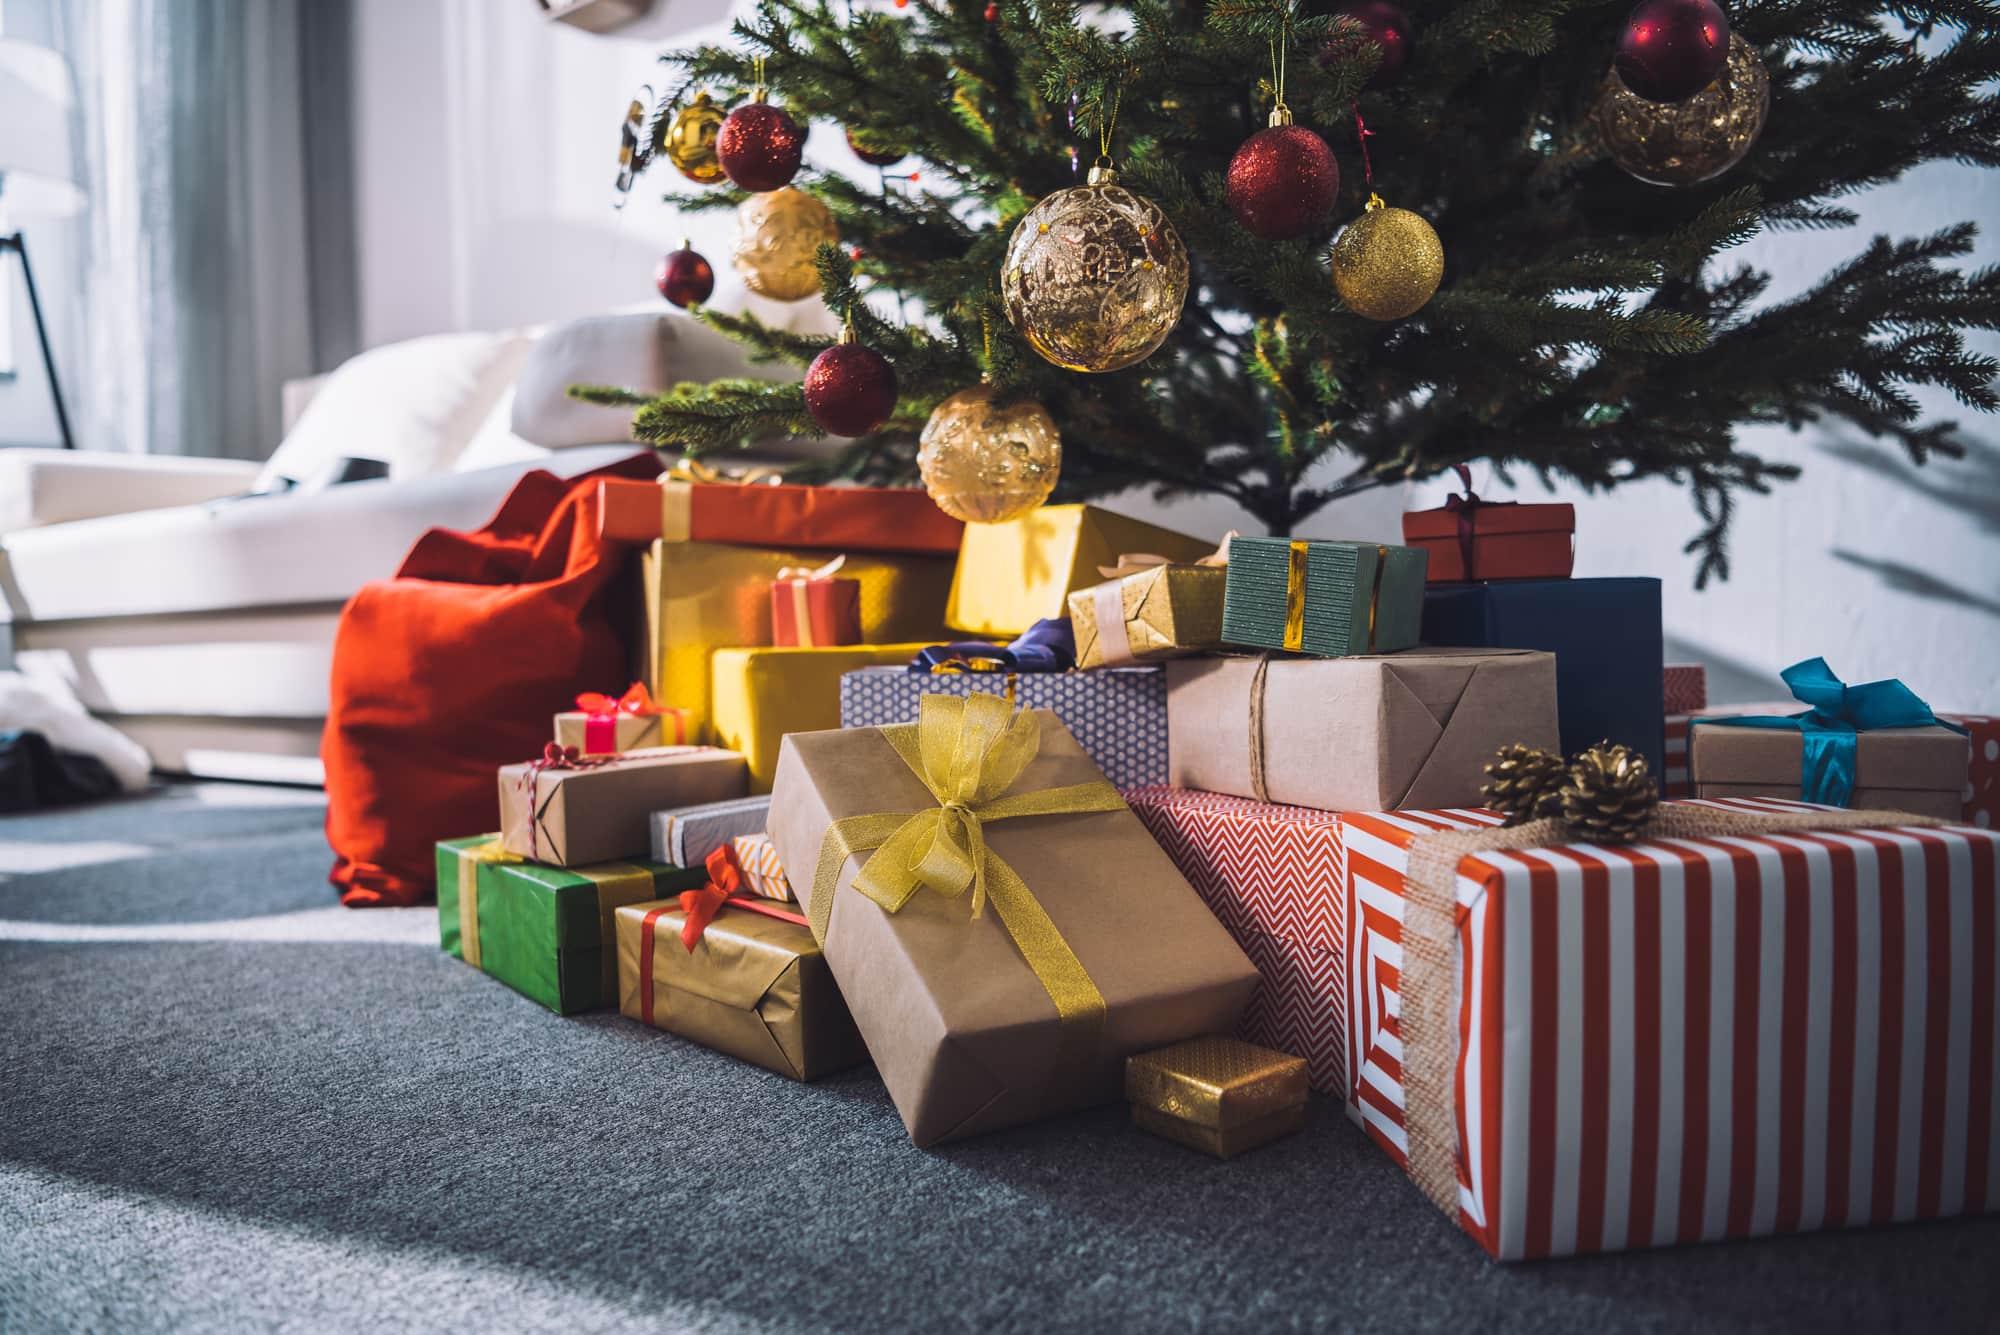 Картинка подарков под елкой